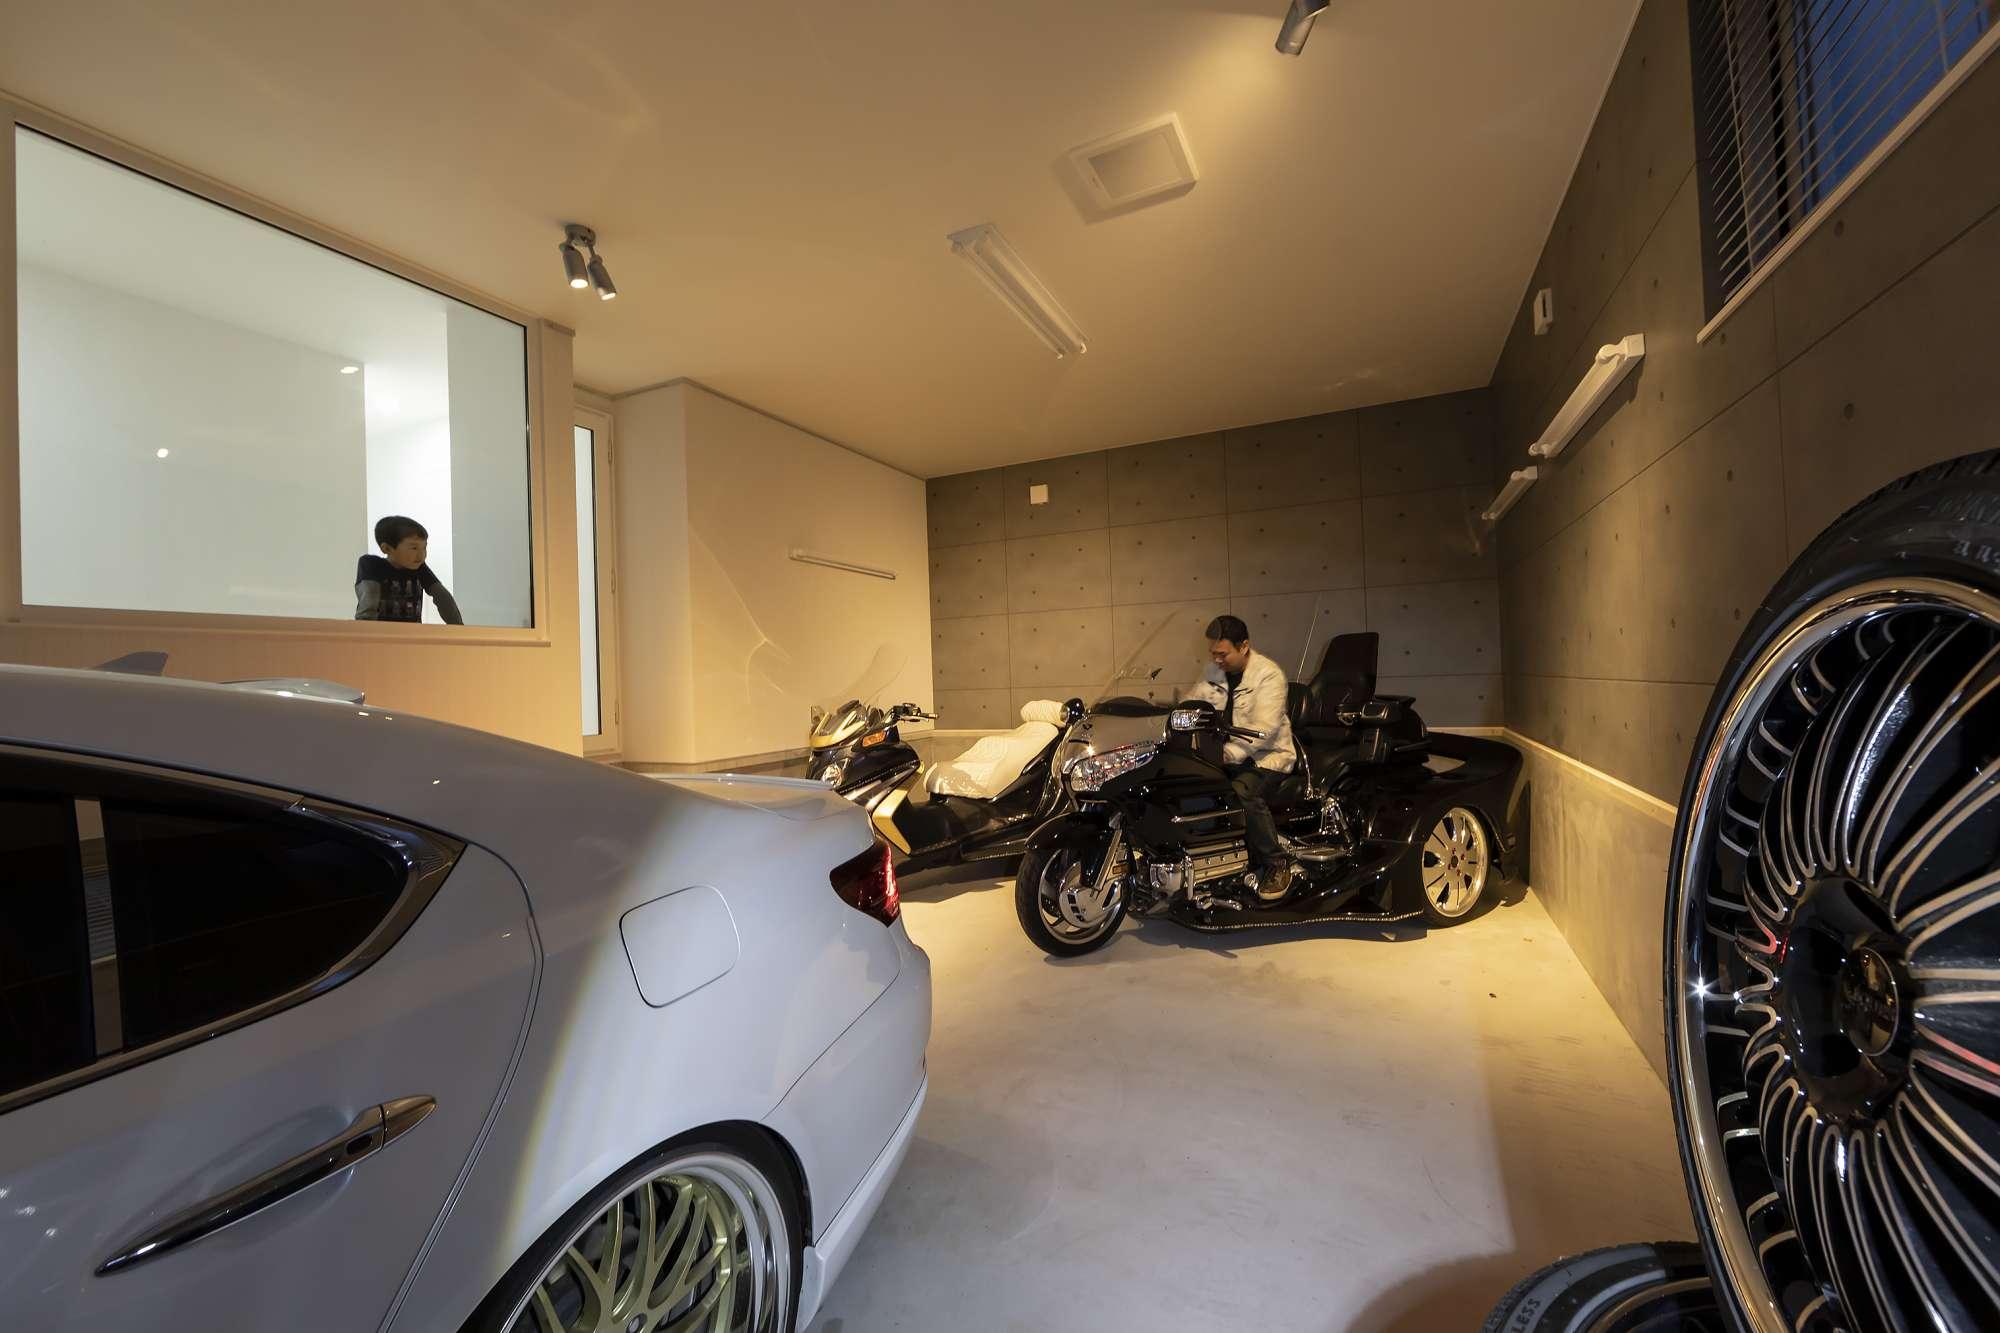 ガラス越しに室内とつながるガレージ - ガレージには大きなガラス窓と室内ドアを設計。スポットの演出など、Mさんこだわりの空間 -  -